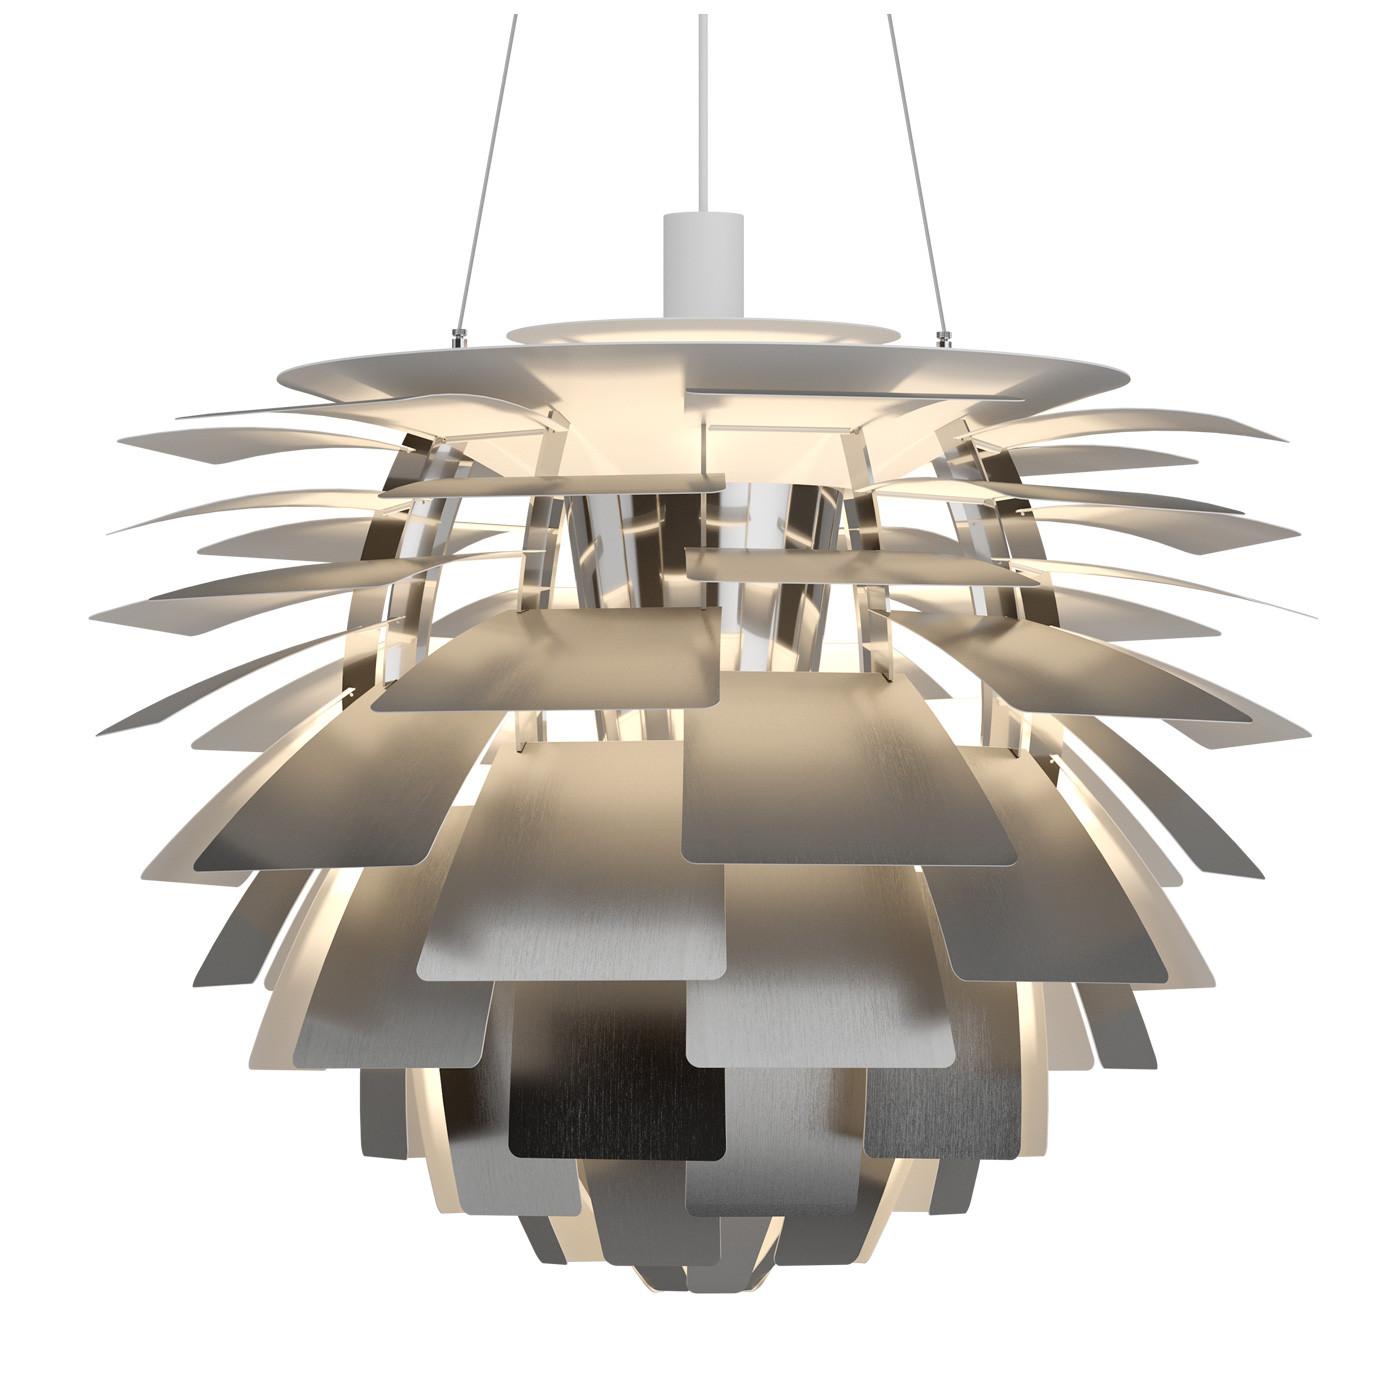 Louis Poulsen PH Artichoke 720 LED